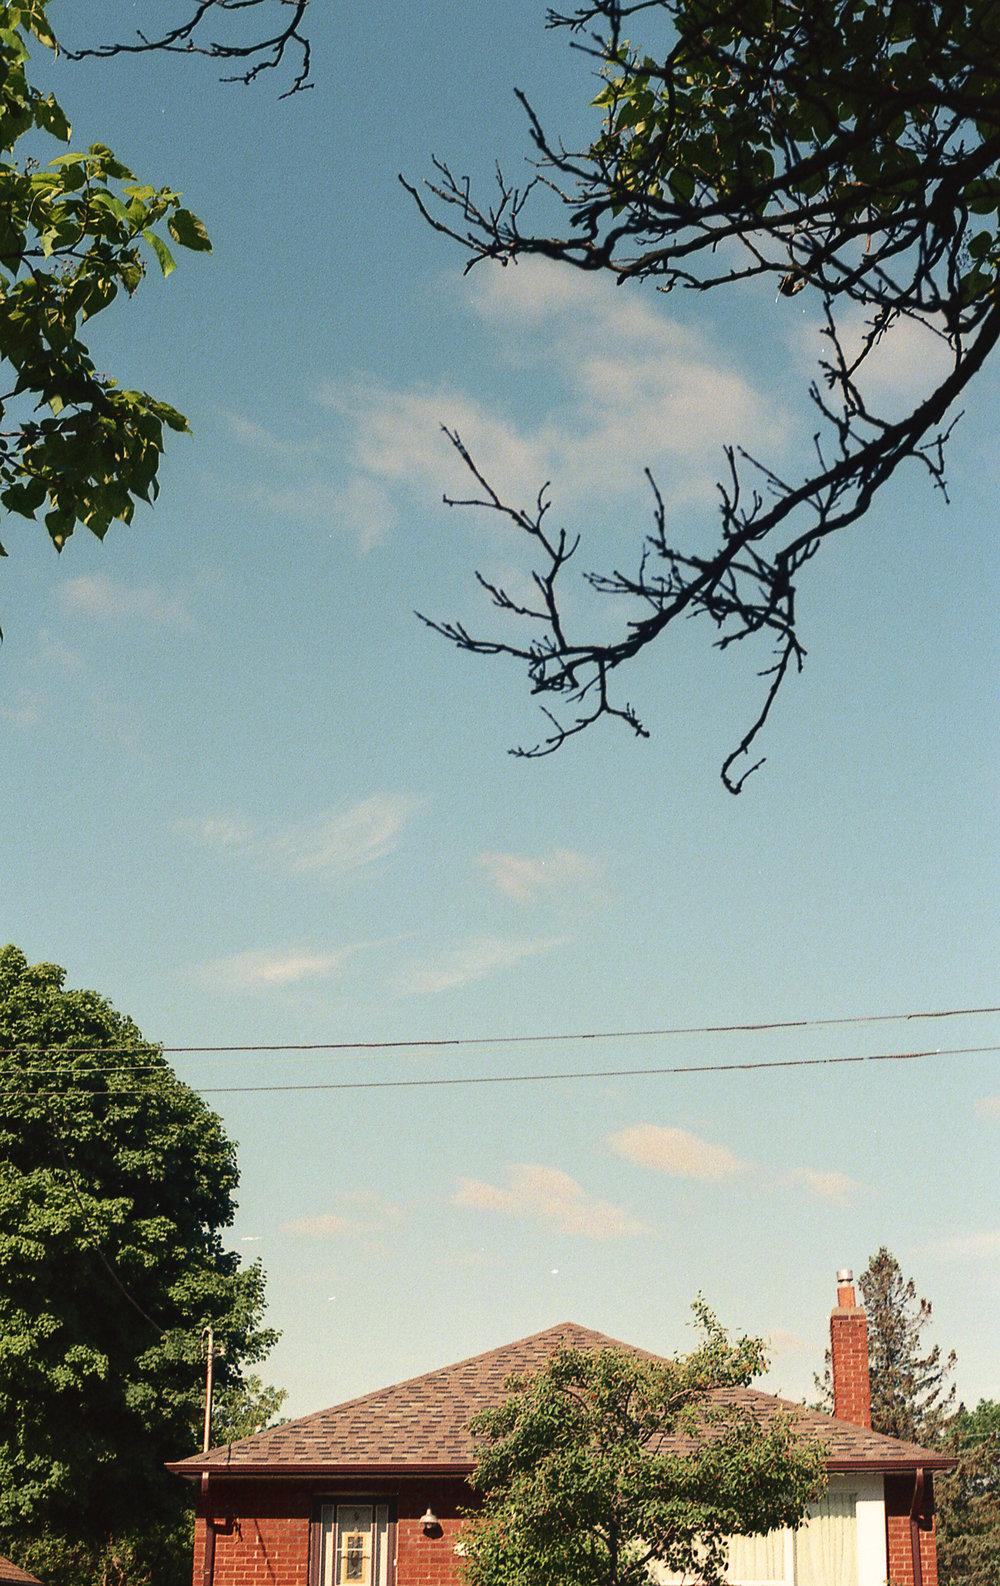 Schofield-Ashton-Nature-Suburbia-48.jpg